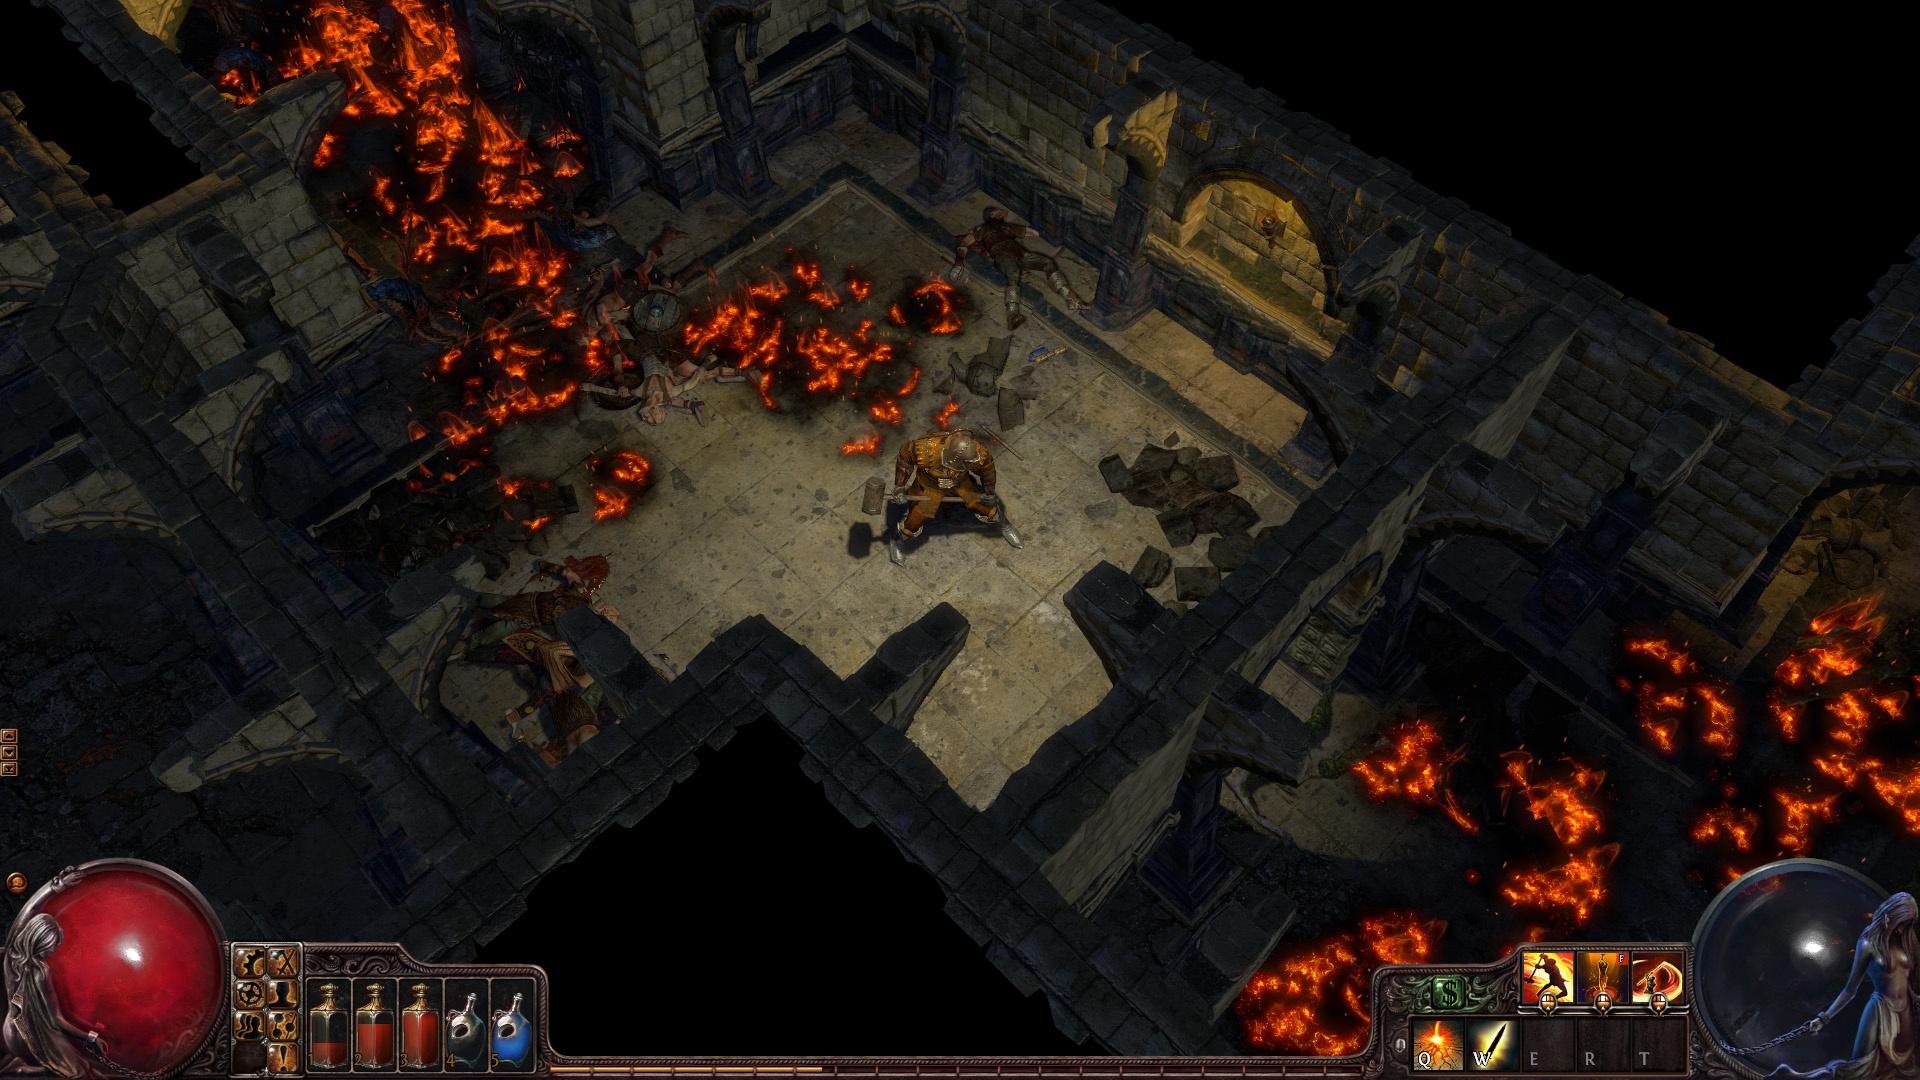 Скачать игру path of exile.